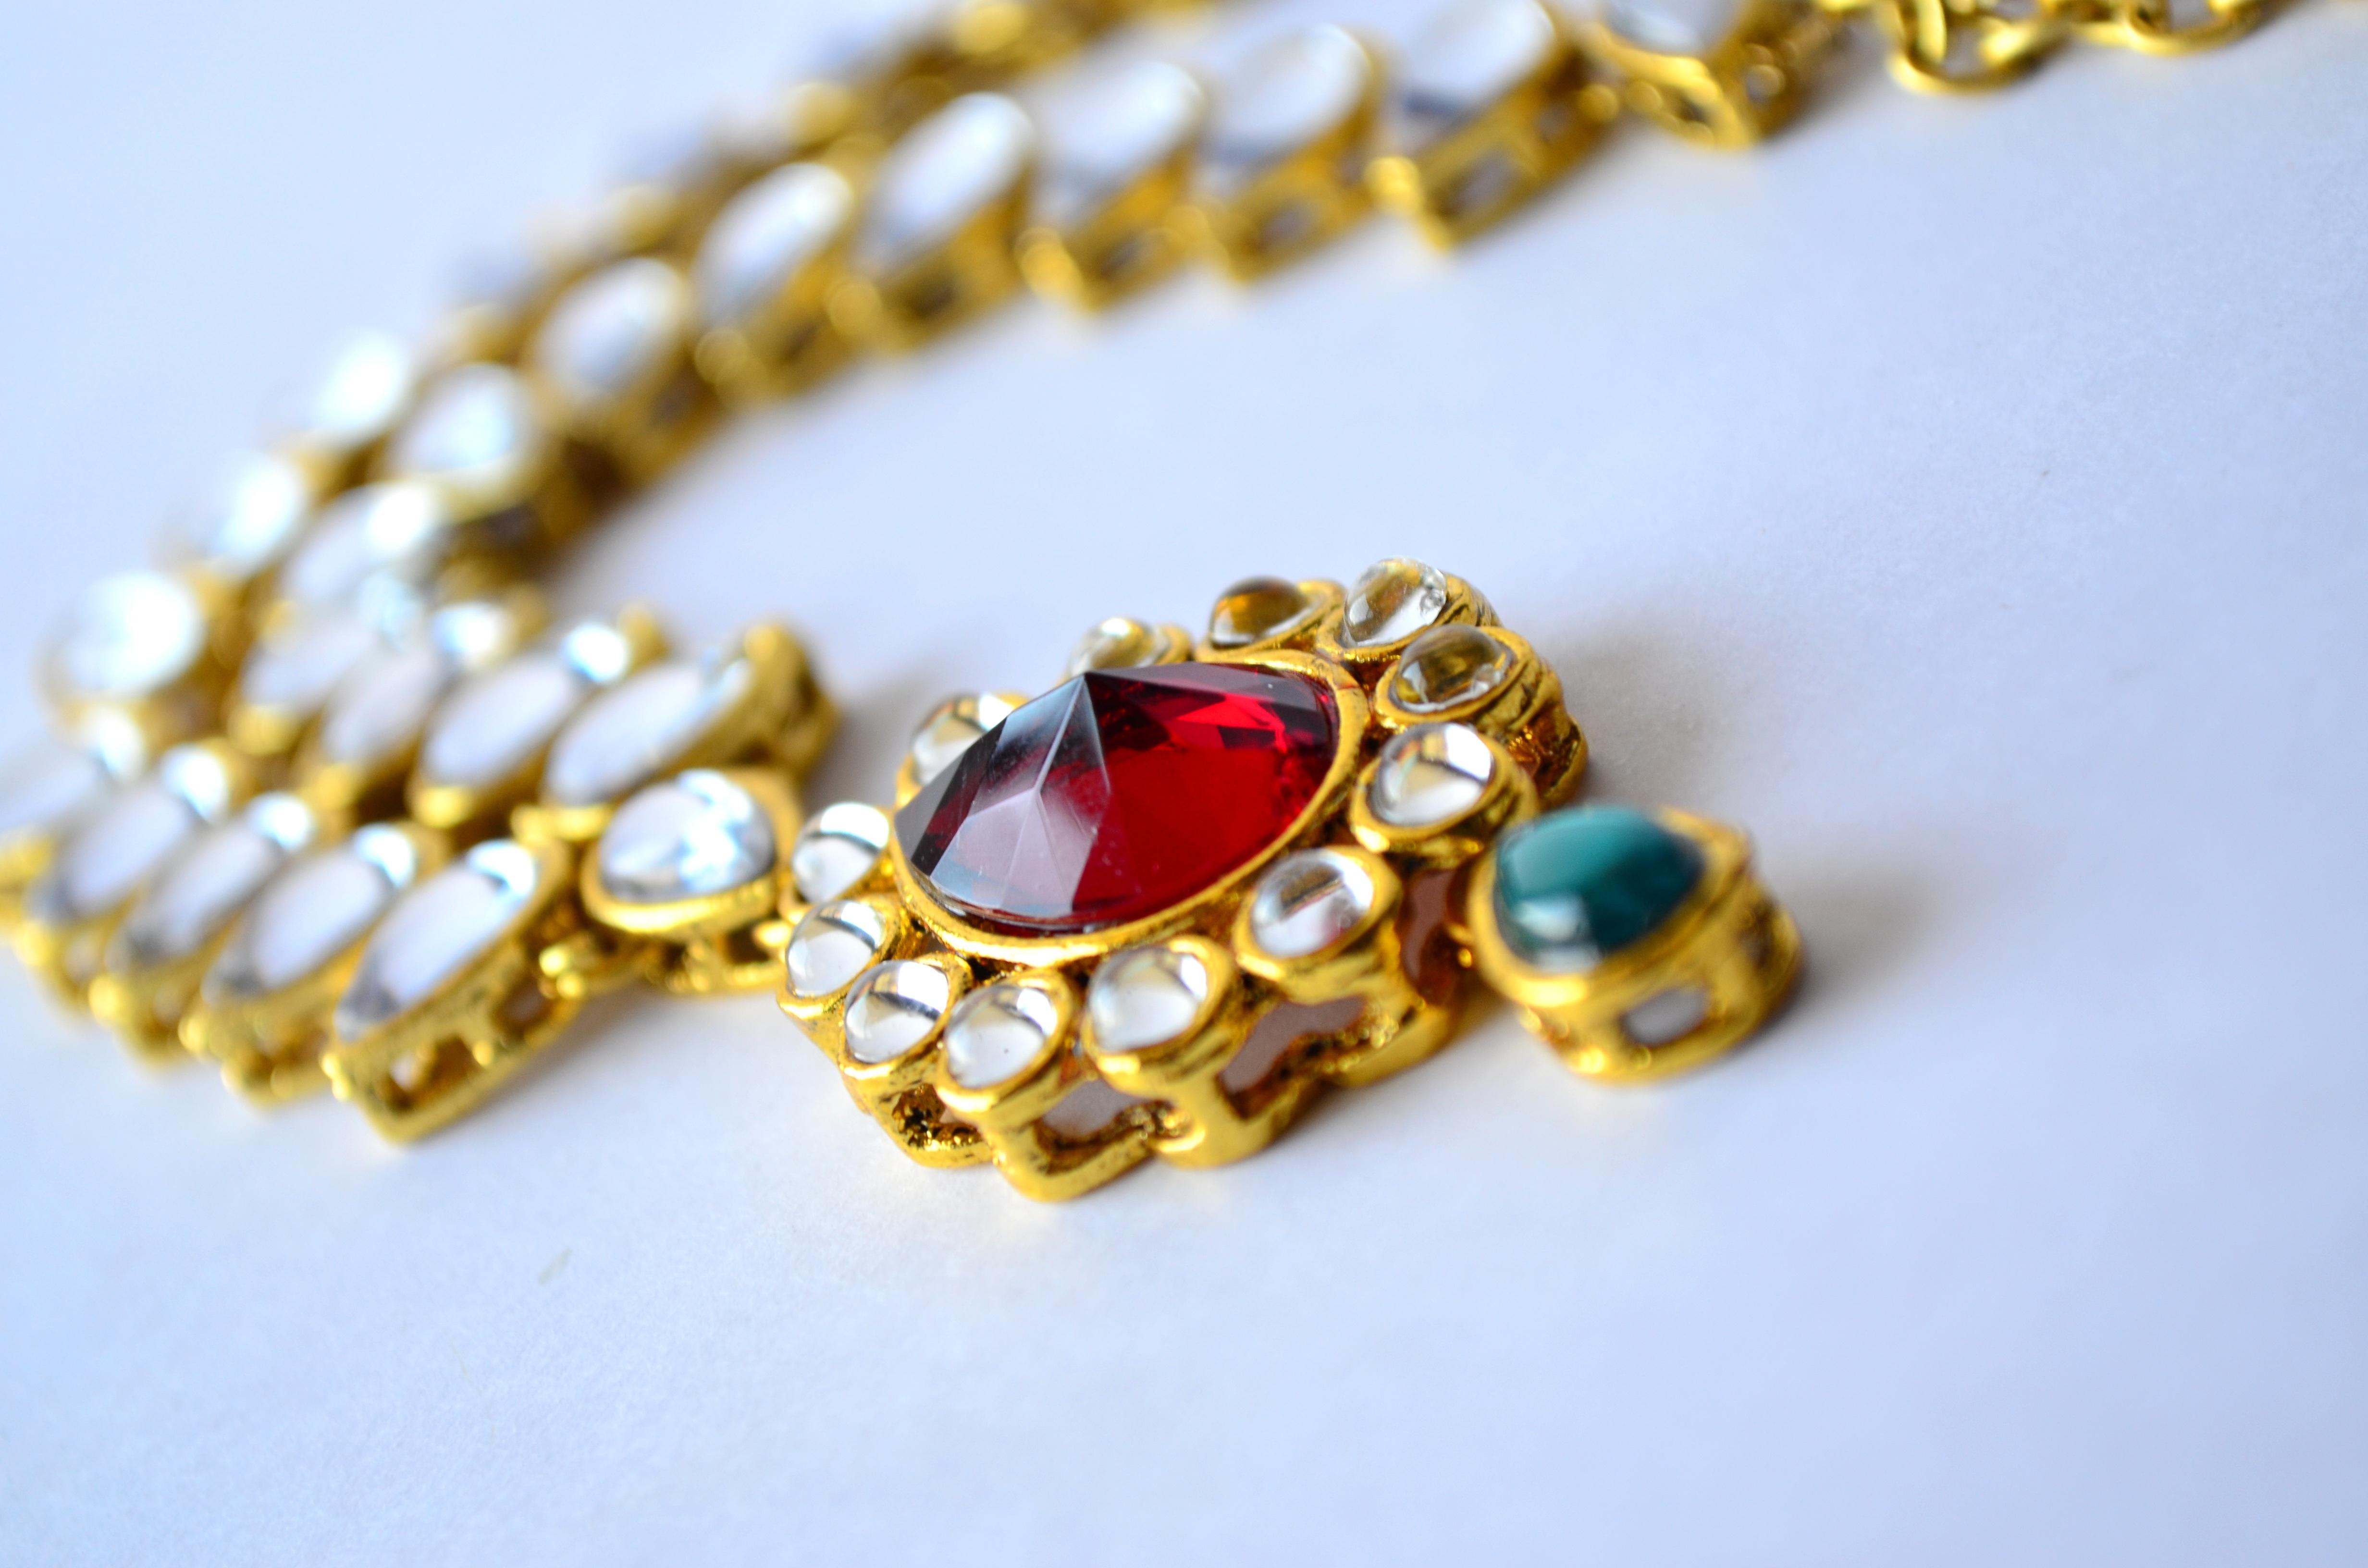 řetěz zlatý móda žlutý korálek šperky náhrdelník náramek šperky luxus zlato  stříbrný krása drahý elegance poklad ab96b9cec2d